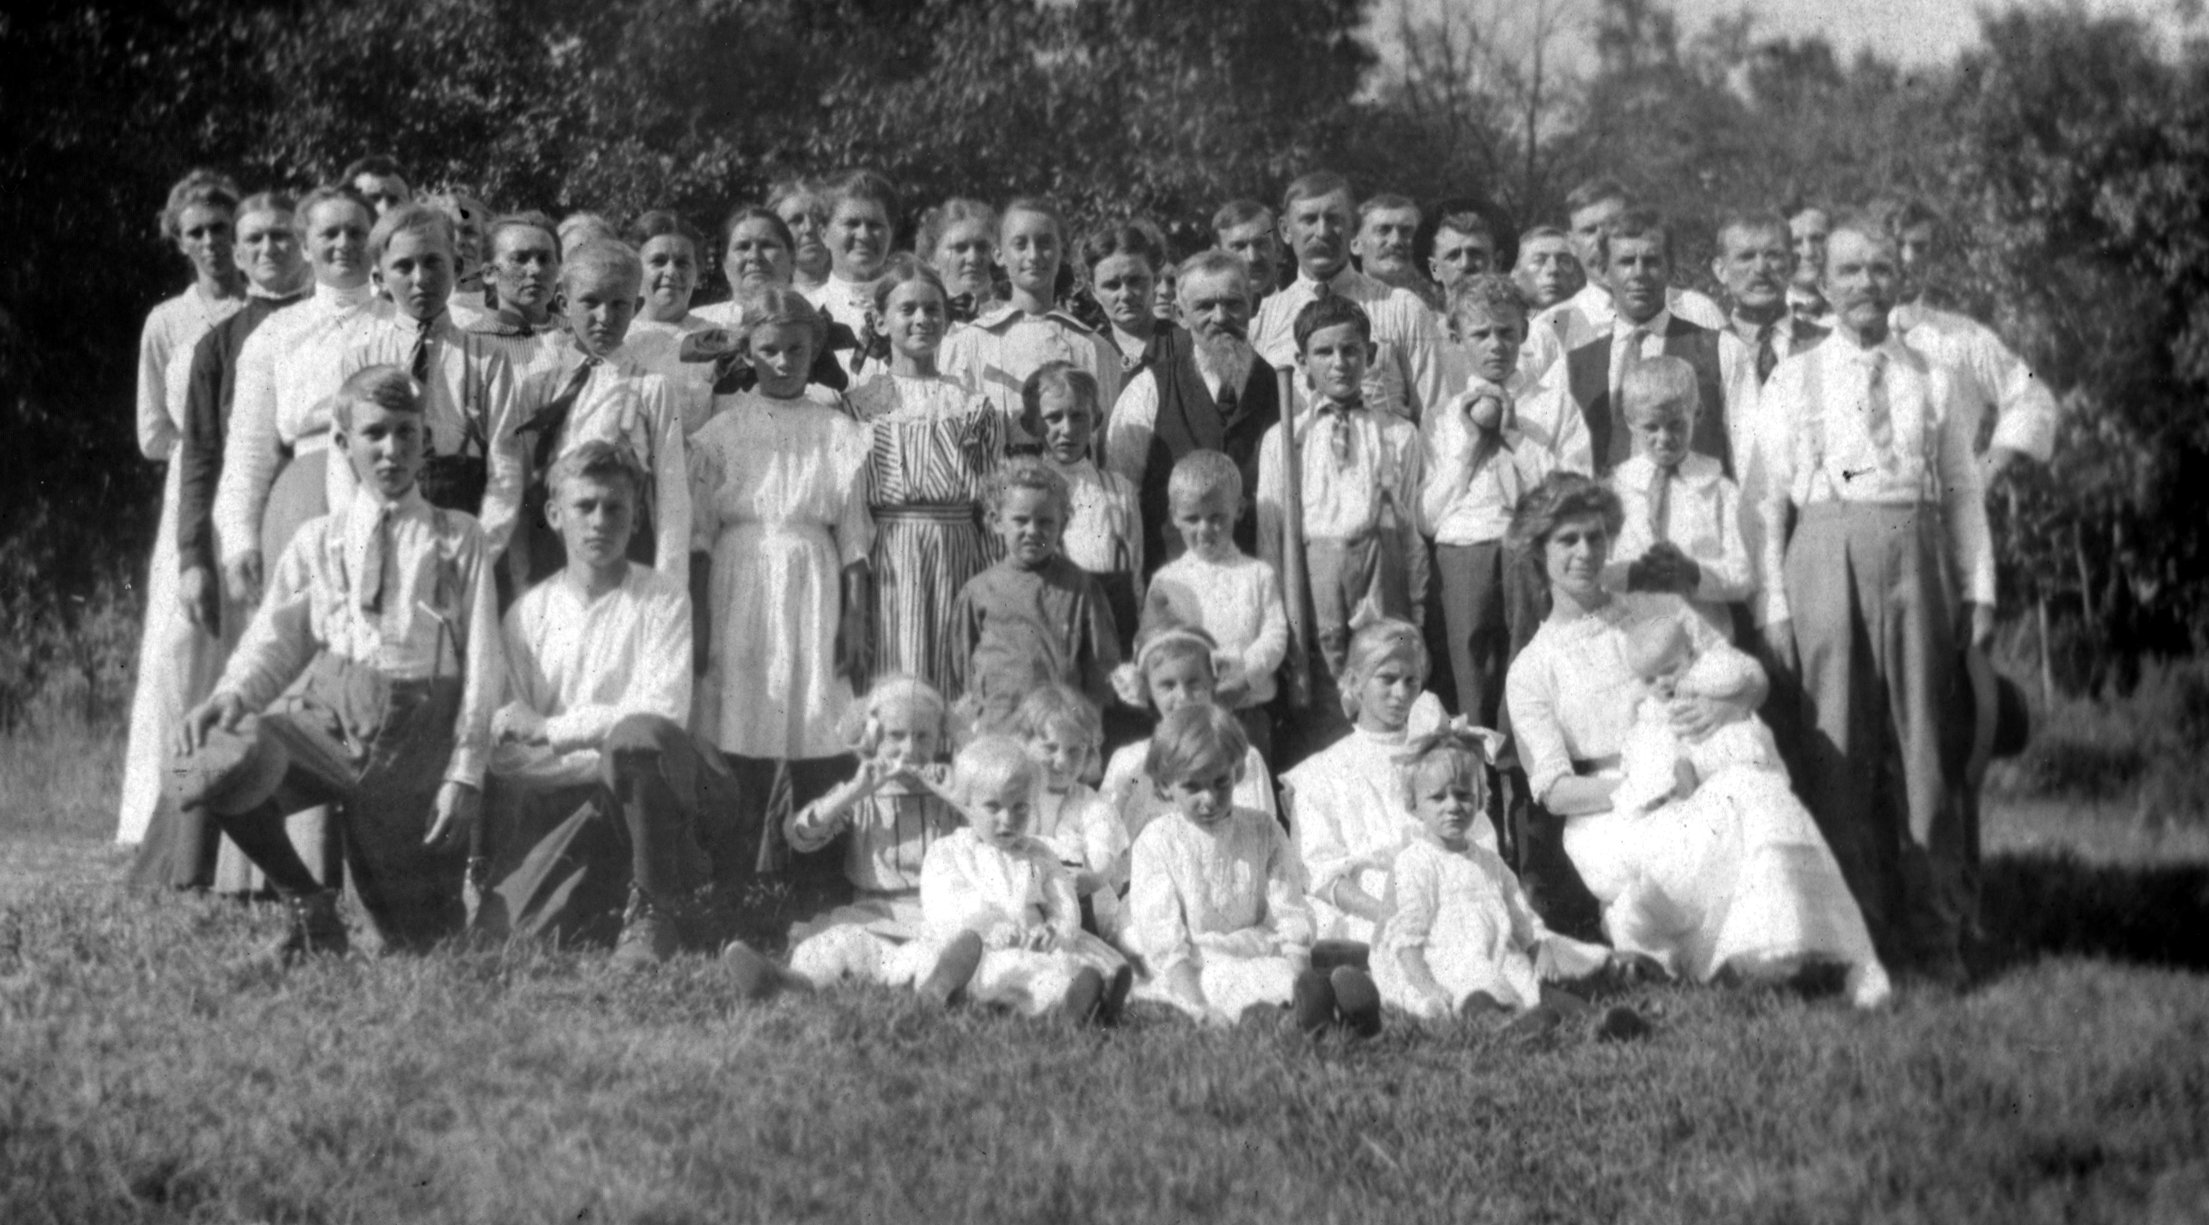 Kokesch Family Reunion.jpg